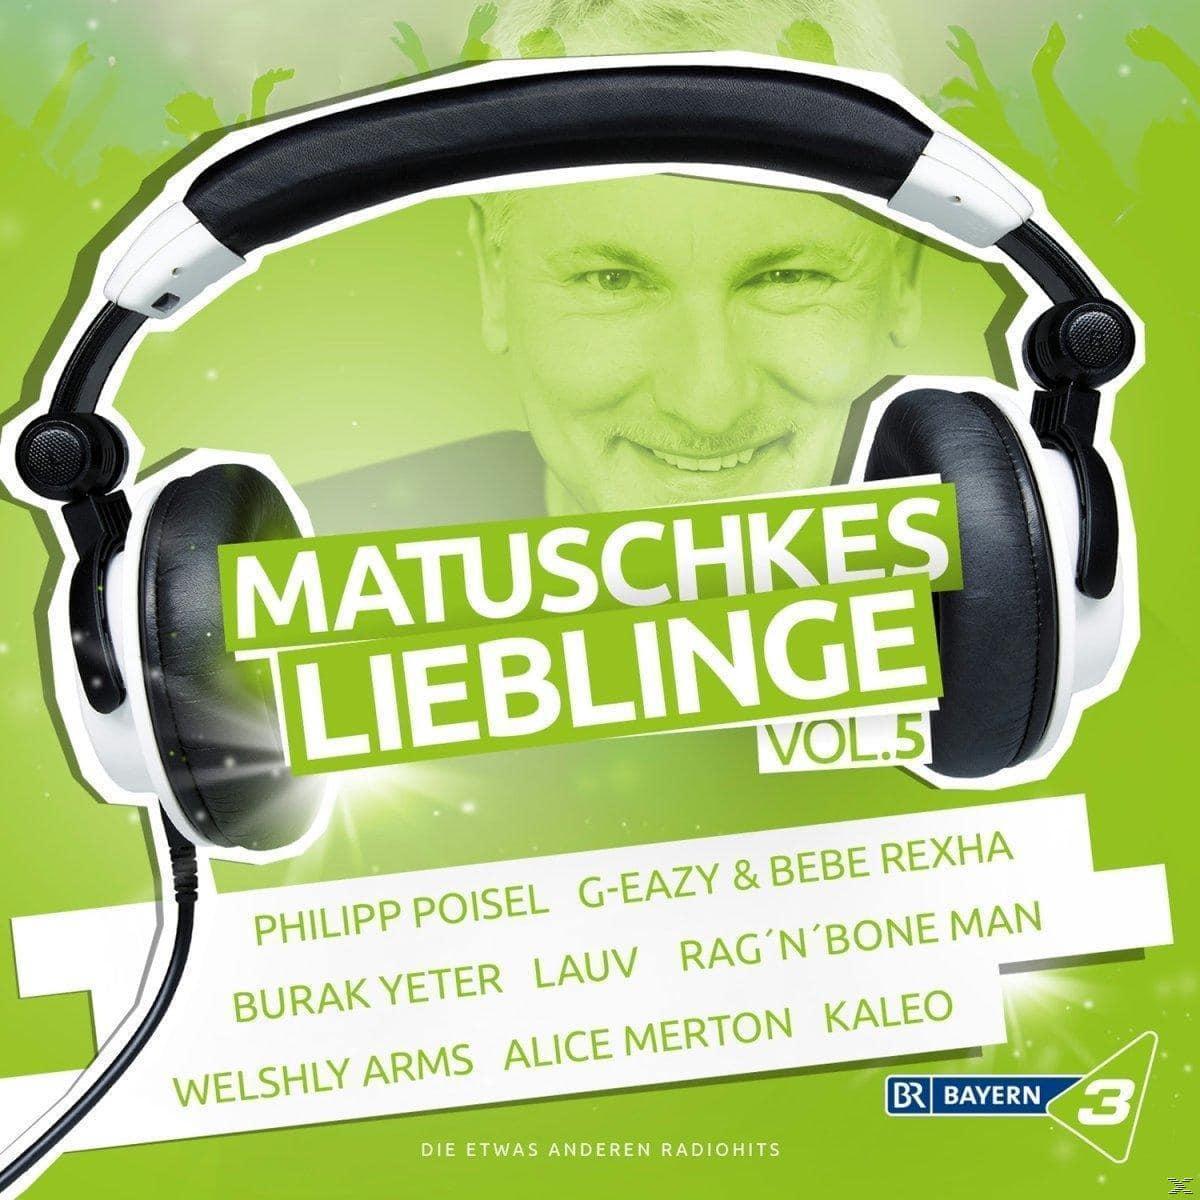 Bayern 3 - Matuschkes Lieblinge,Vol. 5 (VARIOUS) für 21,99 Euro